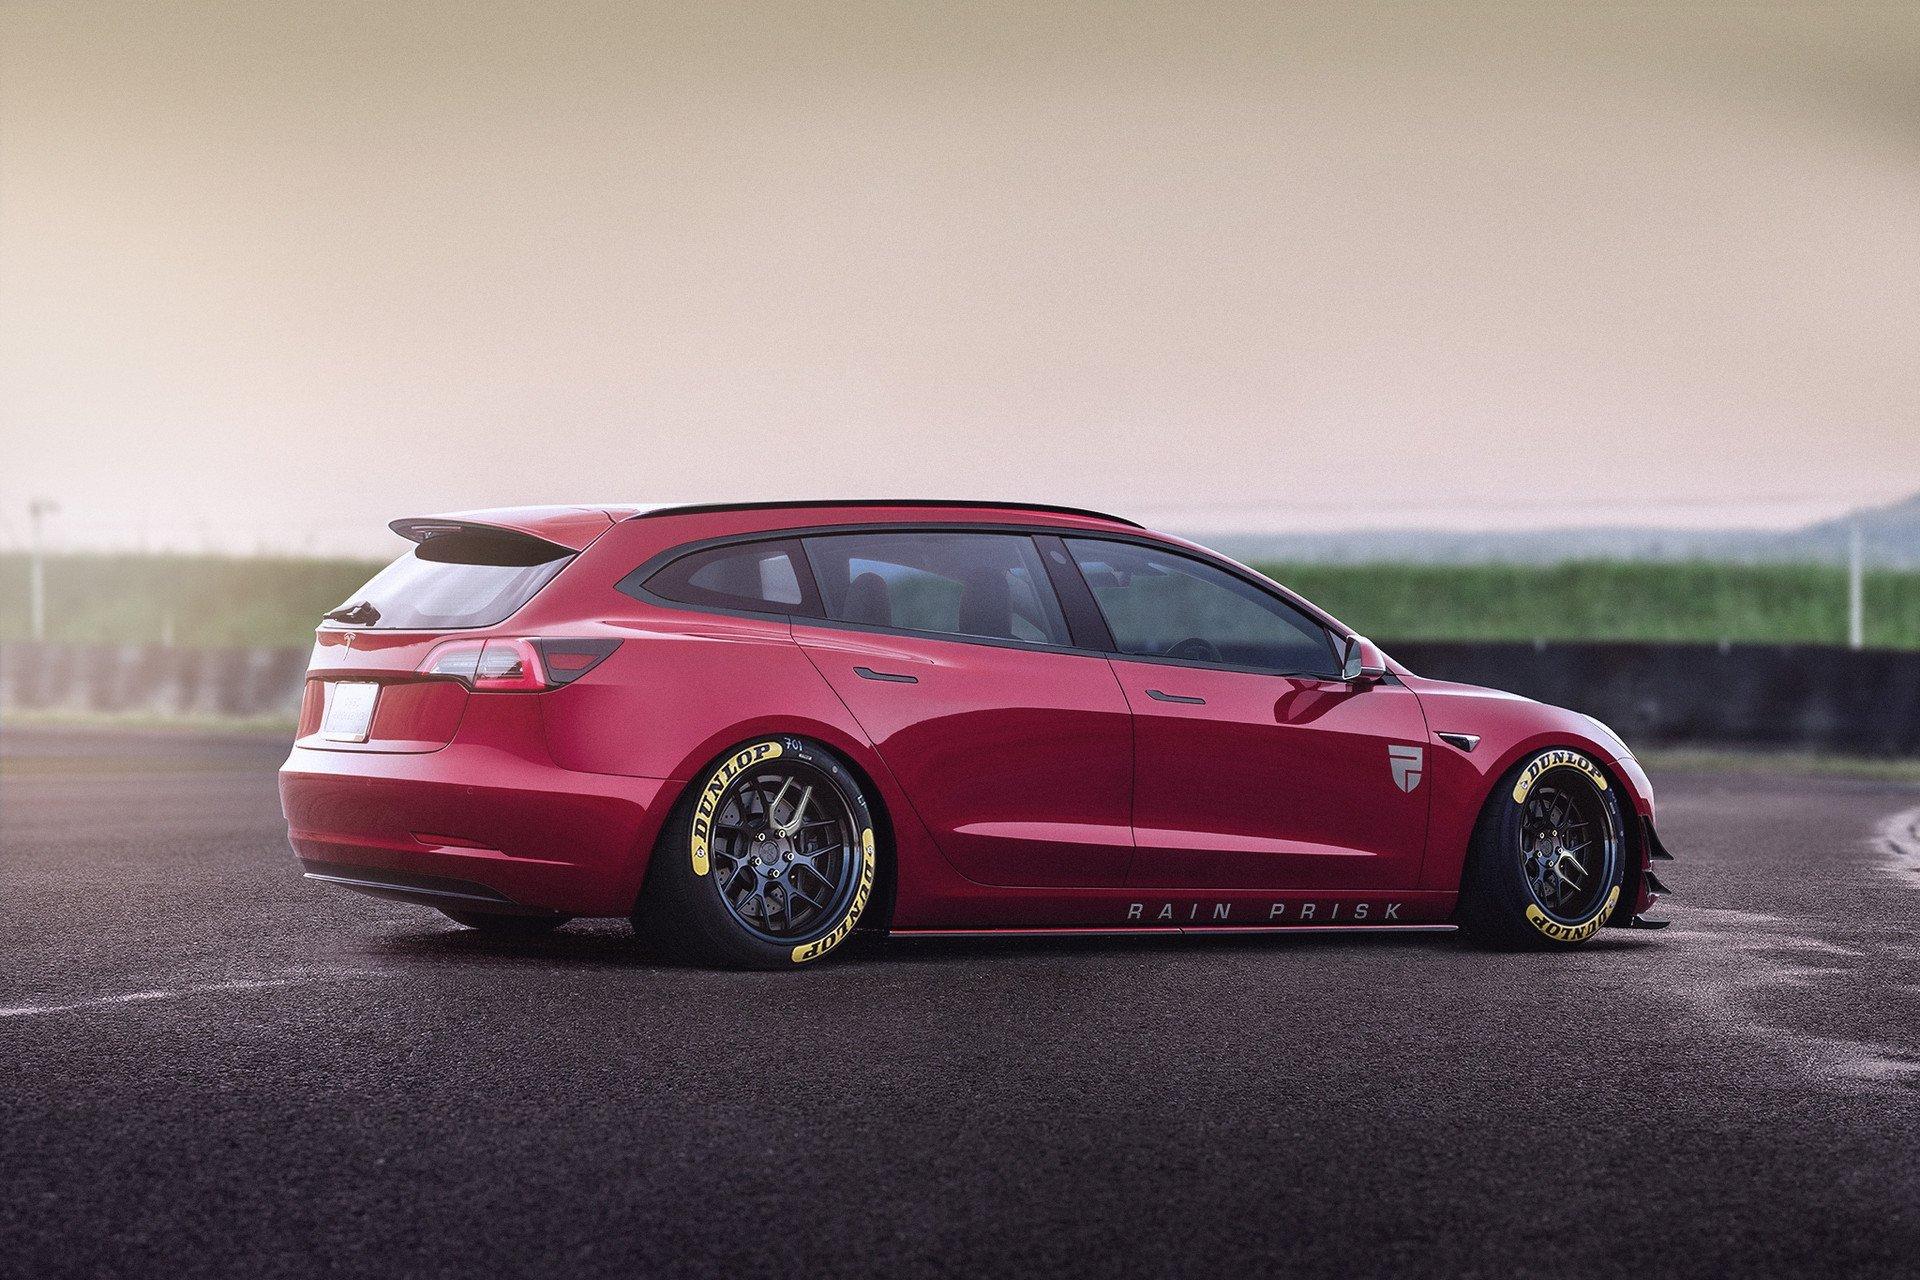 تسلا به دنبال ساخت یک خودرو اقتصادی 25000 دلاری است